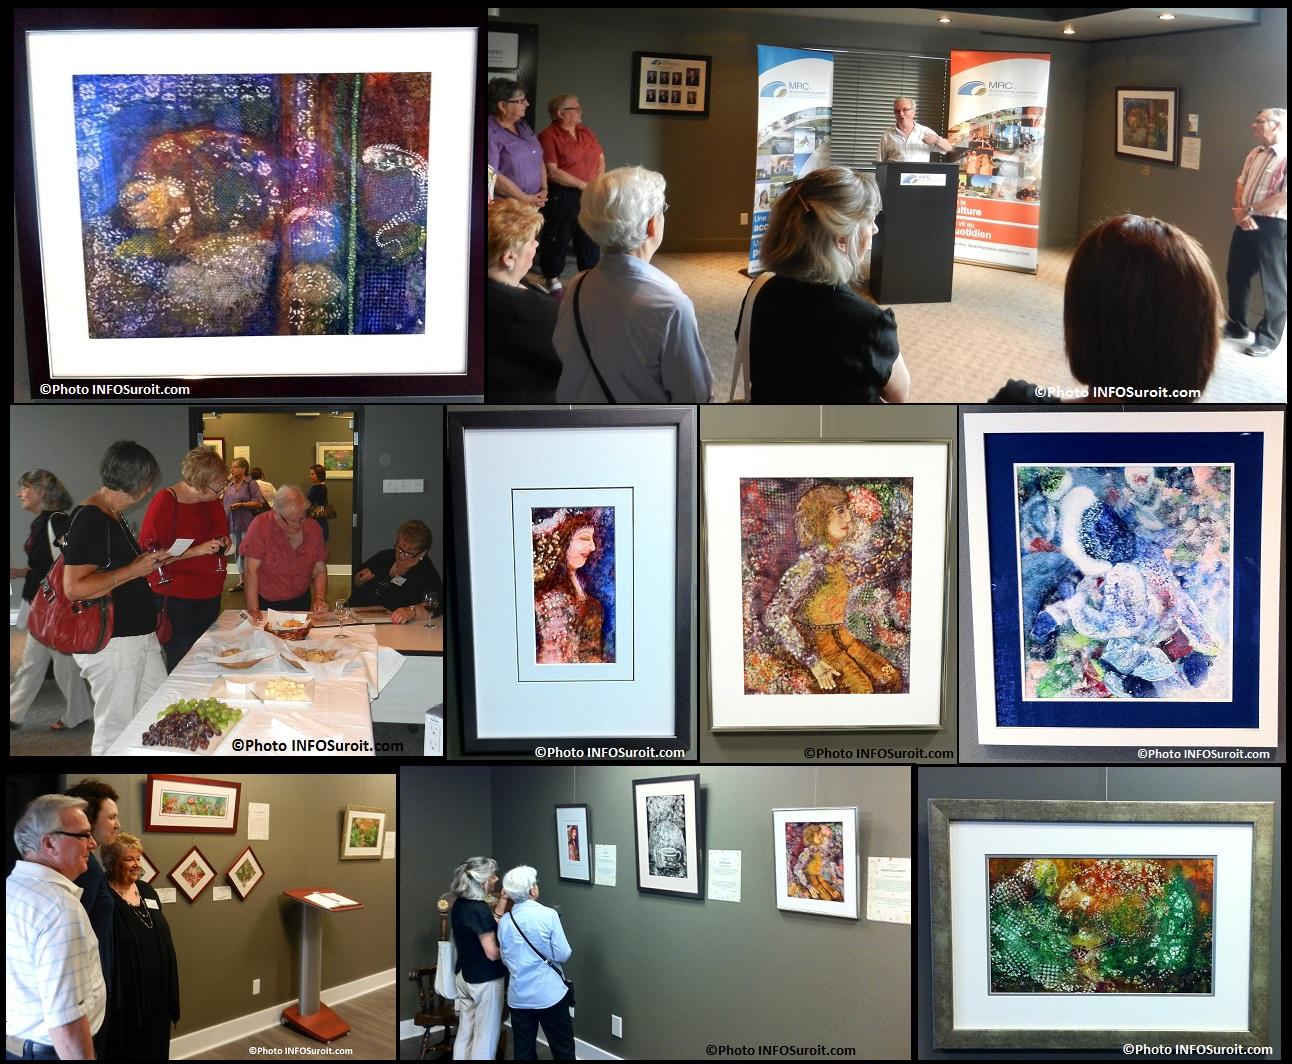 Exposition-Francine_Lacasse-Charron-a-la-Galerie-Art-MRC-a-Beauharnois-Photos-INFOSuroit_com